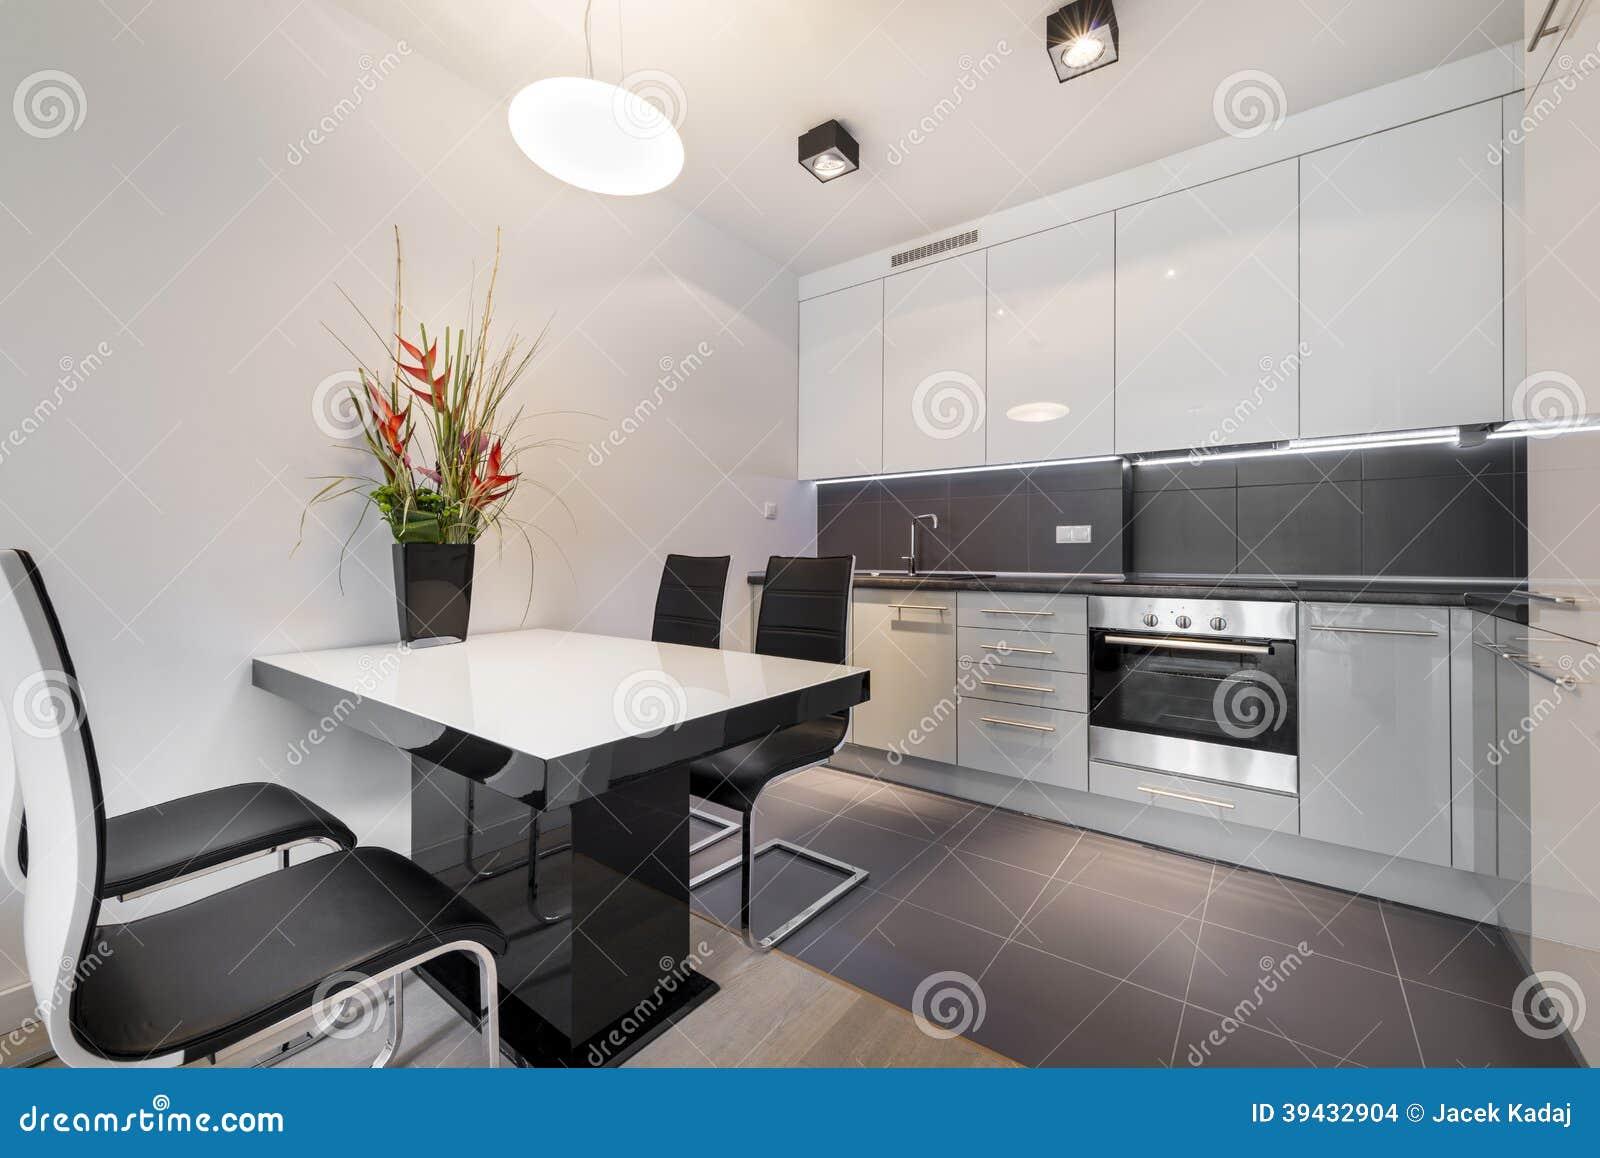 Cucina moderna con la pavimentazione in piastrelle grigia fotografia stock immagine di marmo - Cucina moderna bianca e grigia ...